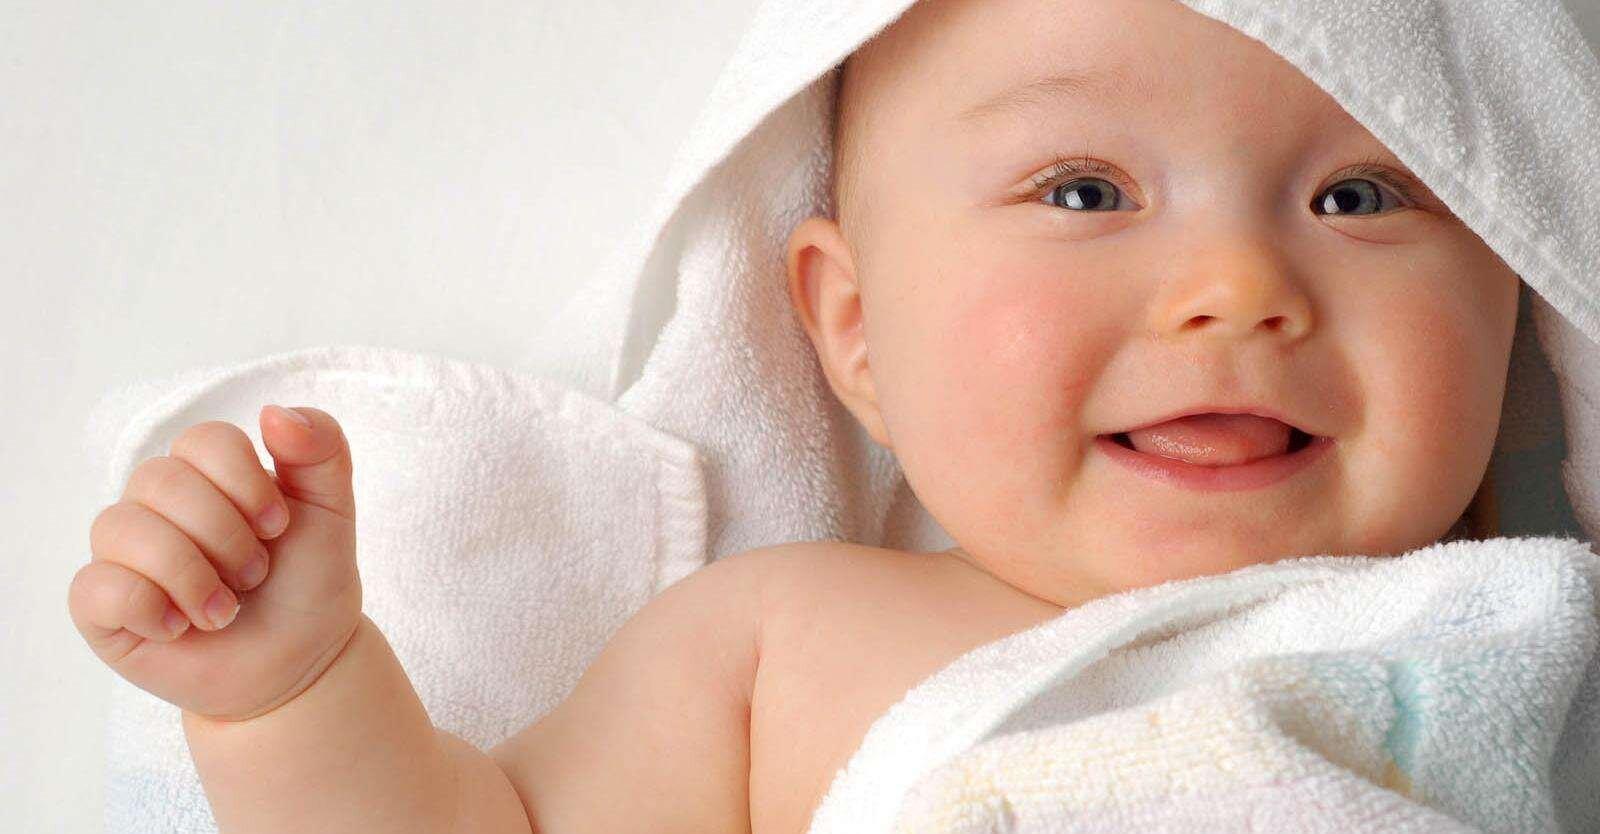 Mẹ có thể dễ dàng thay tã cho bé mà không mất nhiều thời gian